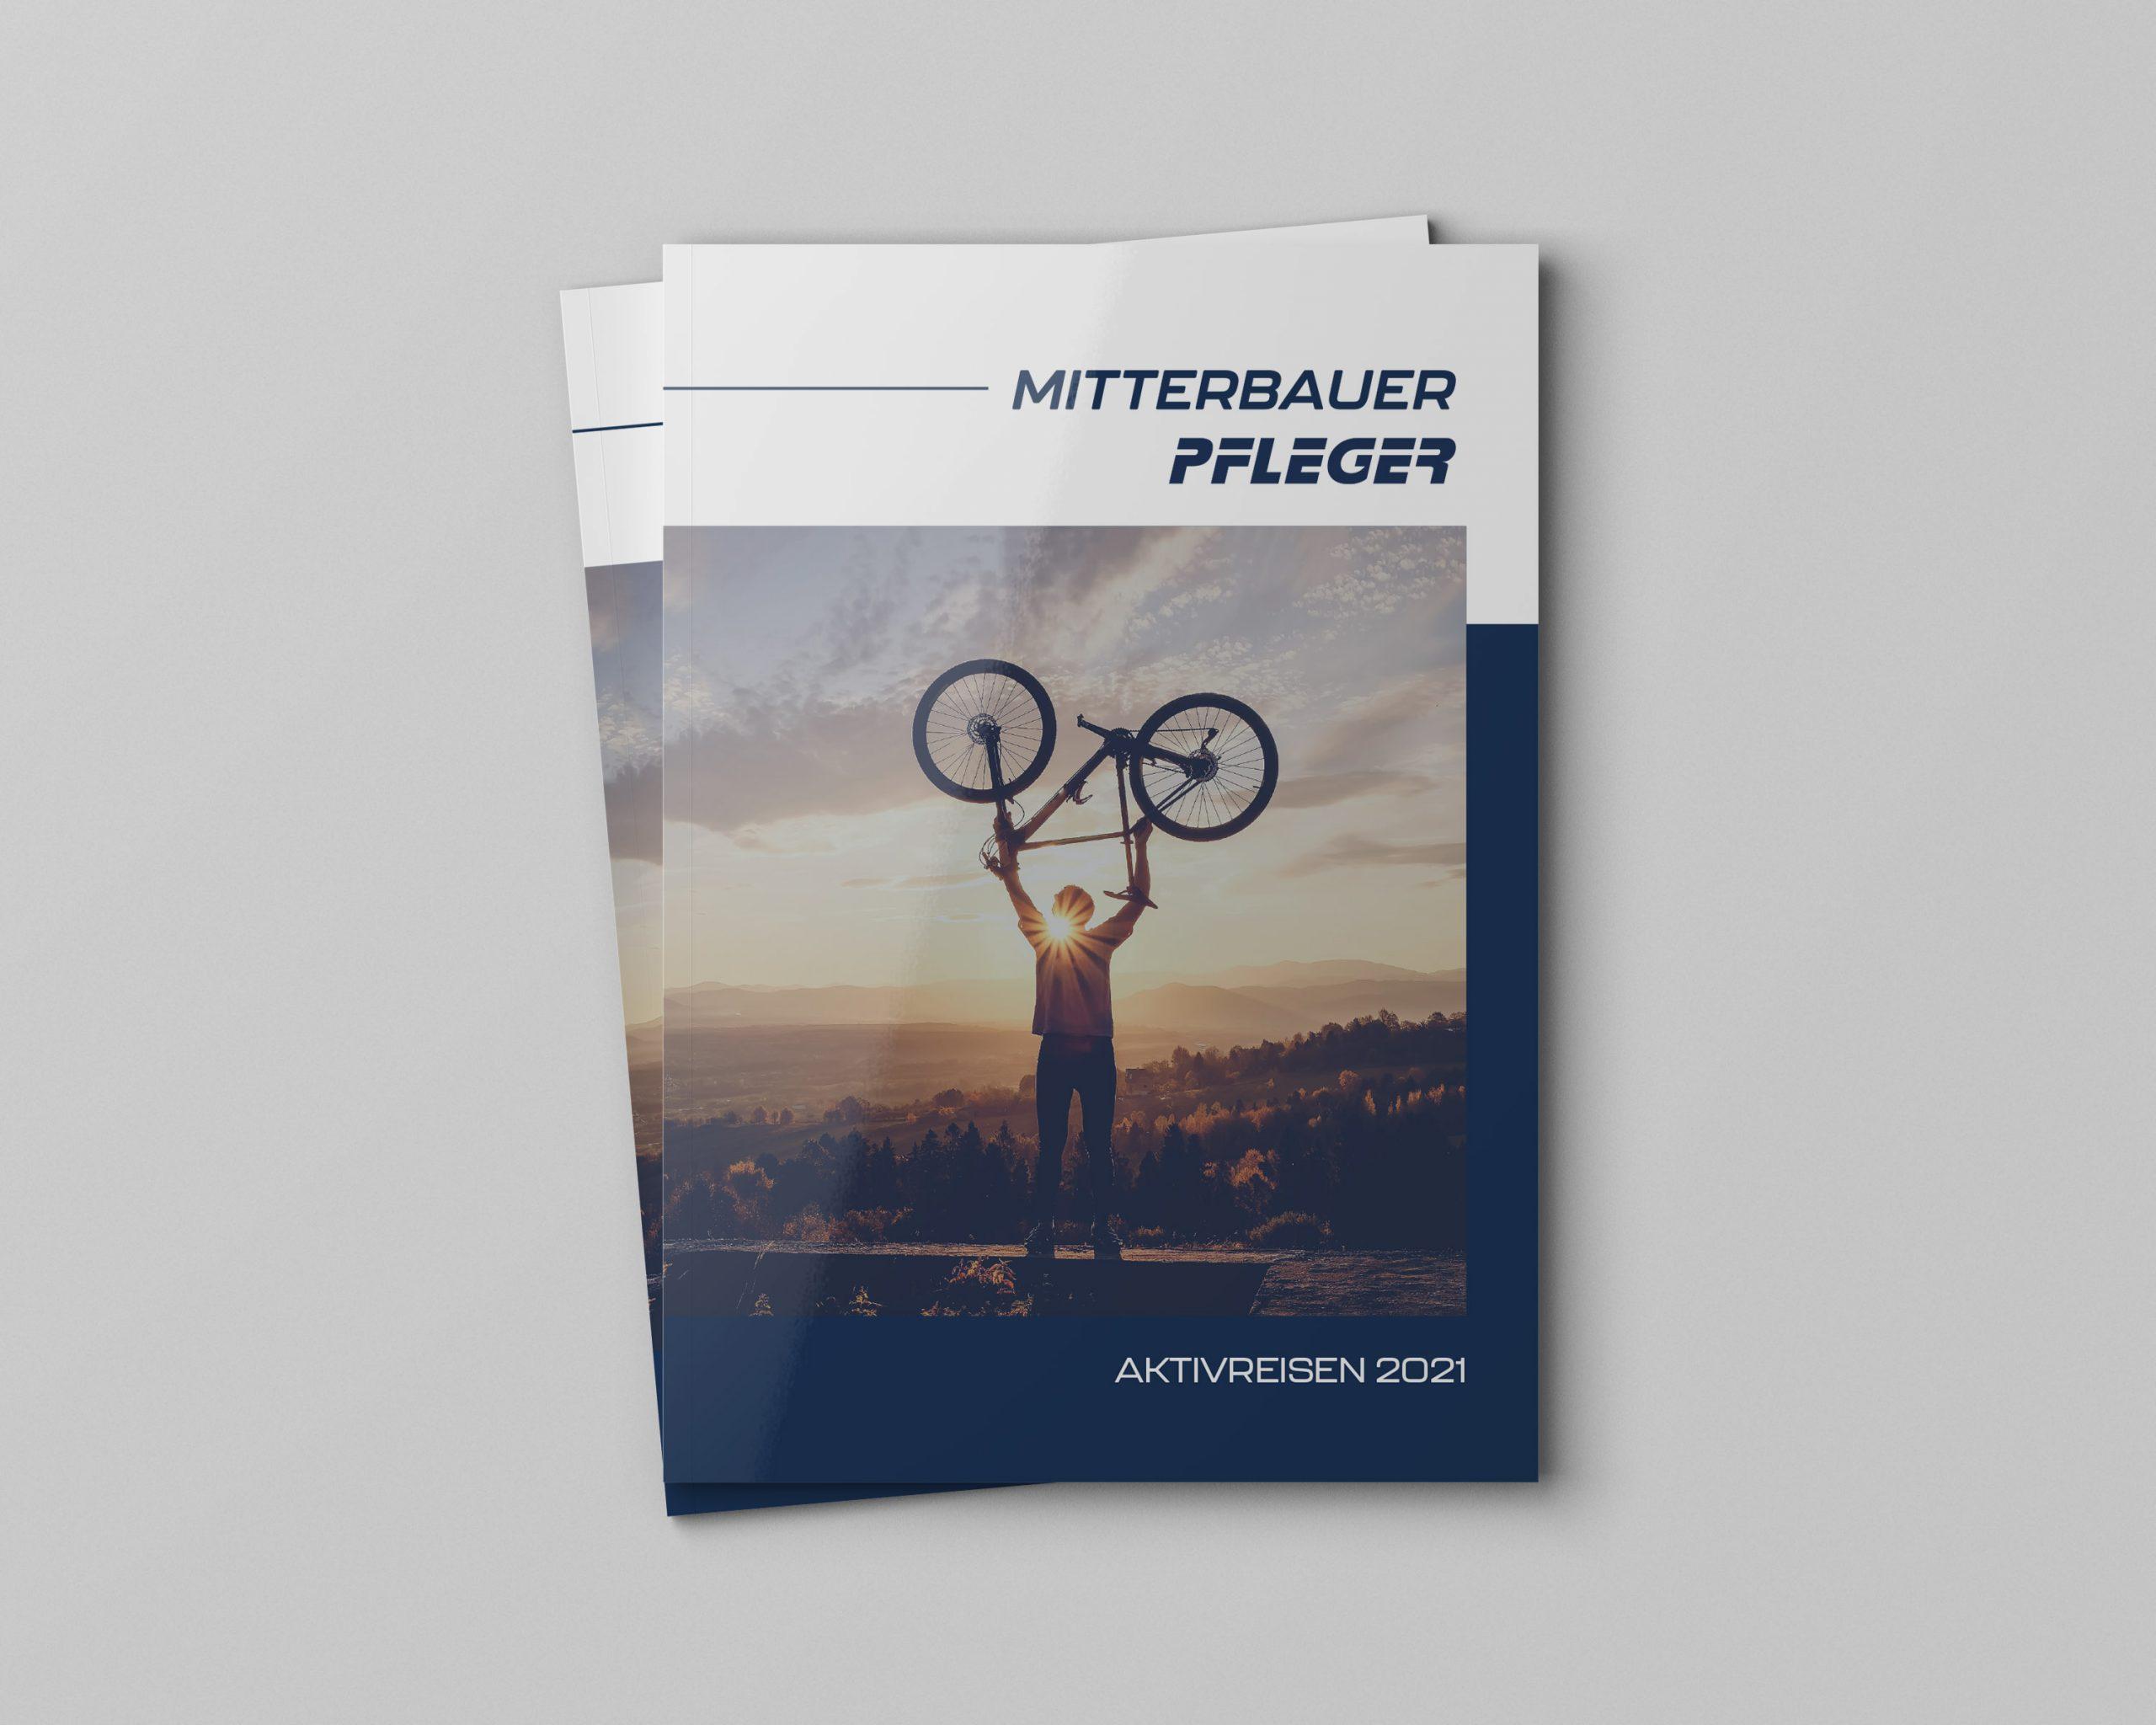 Mitterbauer | Reisen | Busreisen | Aktivreisen | Radreisen | Wanderreisen | Reisekatalog